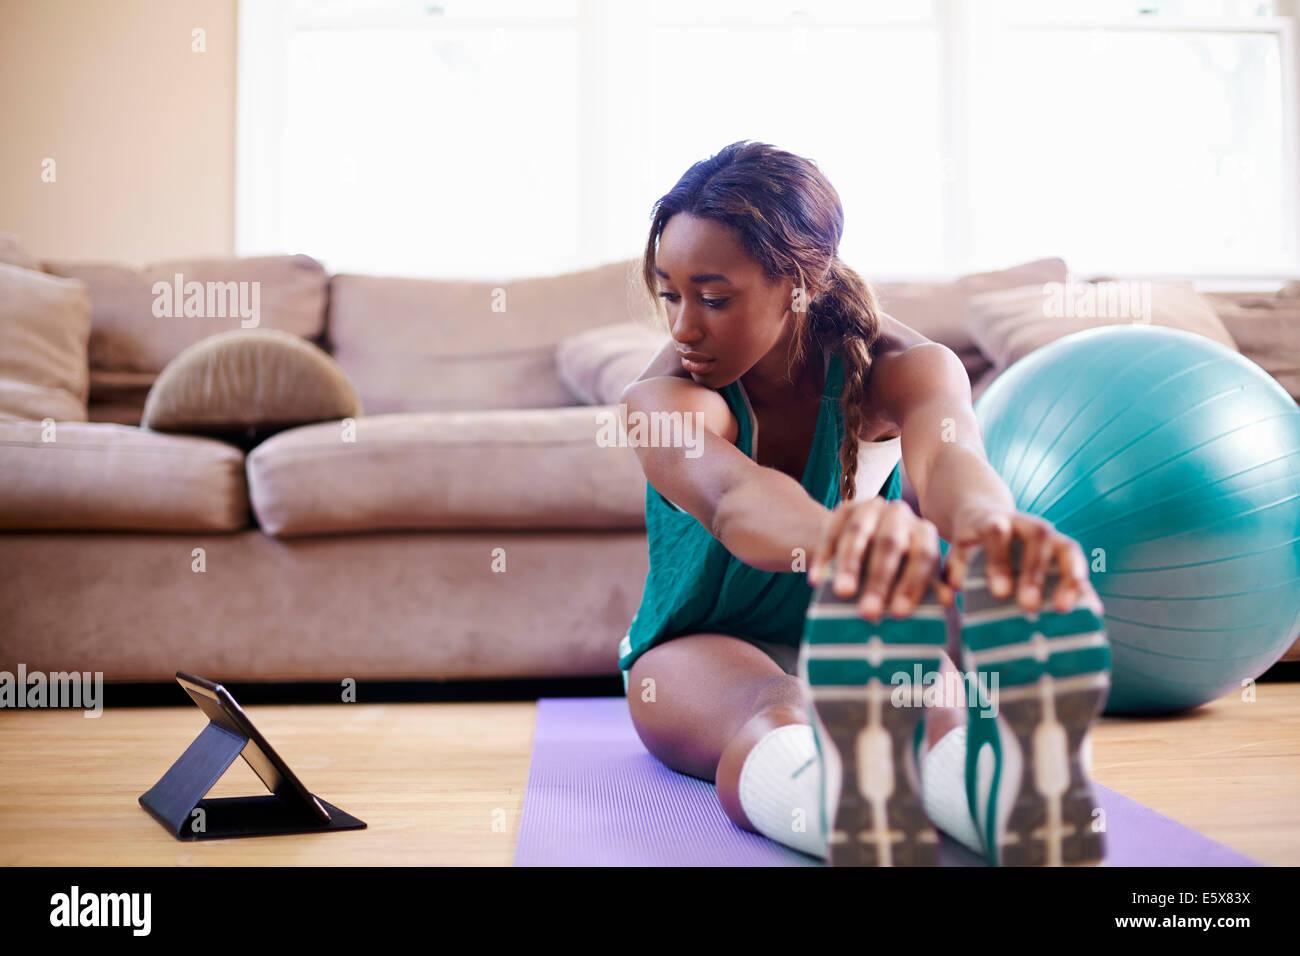 Giovane donna esercita sul salotto piano mentre guardando a tavoletta digitale Immagini Stock